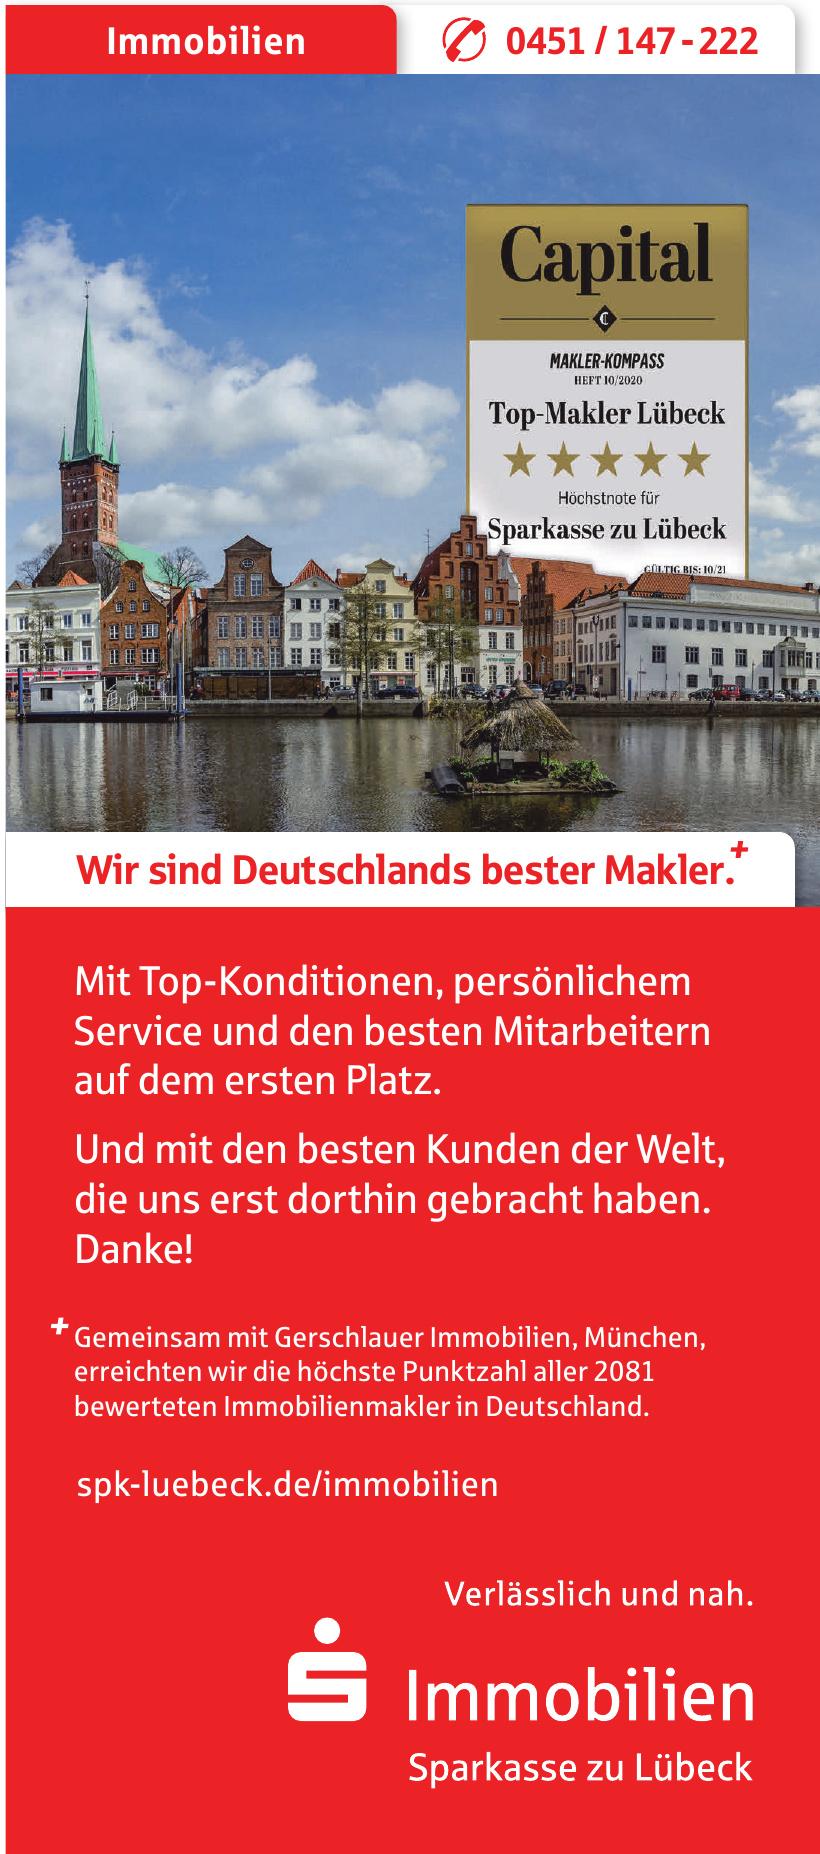 Sparkasse zu Lübeck AG ImmobilienCenter